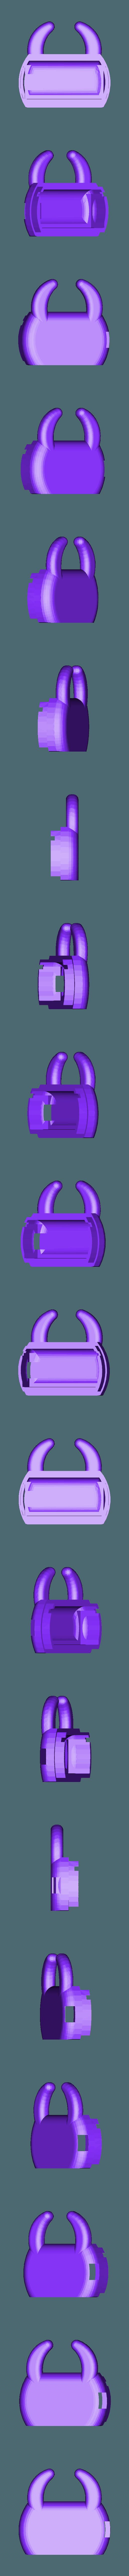 Fang_Nano2.stl Télécharger fichier STL gratuit Robot Spider Bug (robot quadrupède, quadrupède)-MG90 • Design pour impression 3D, kasinatorhh